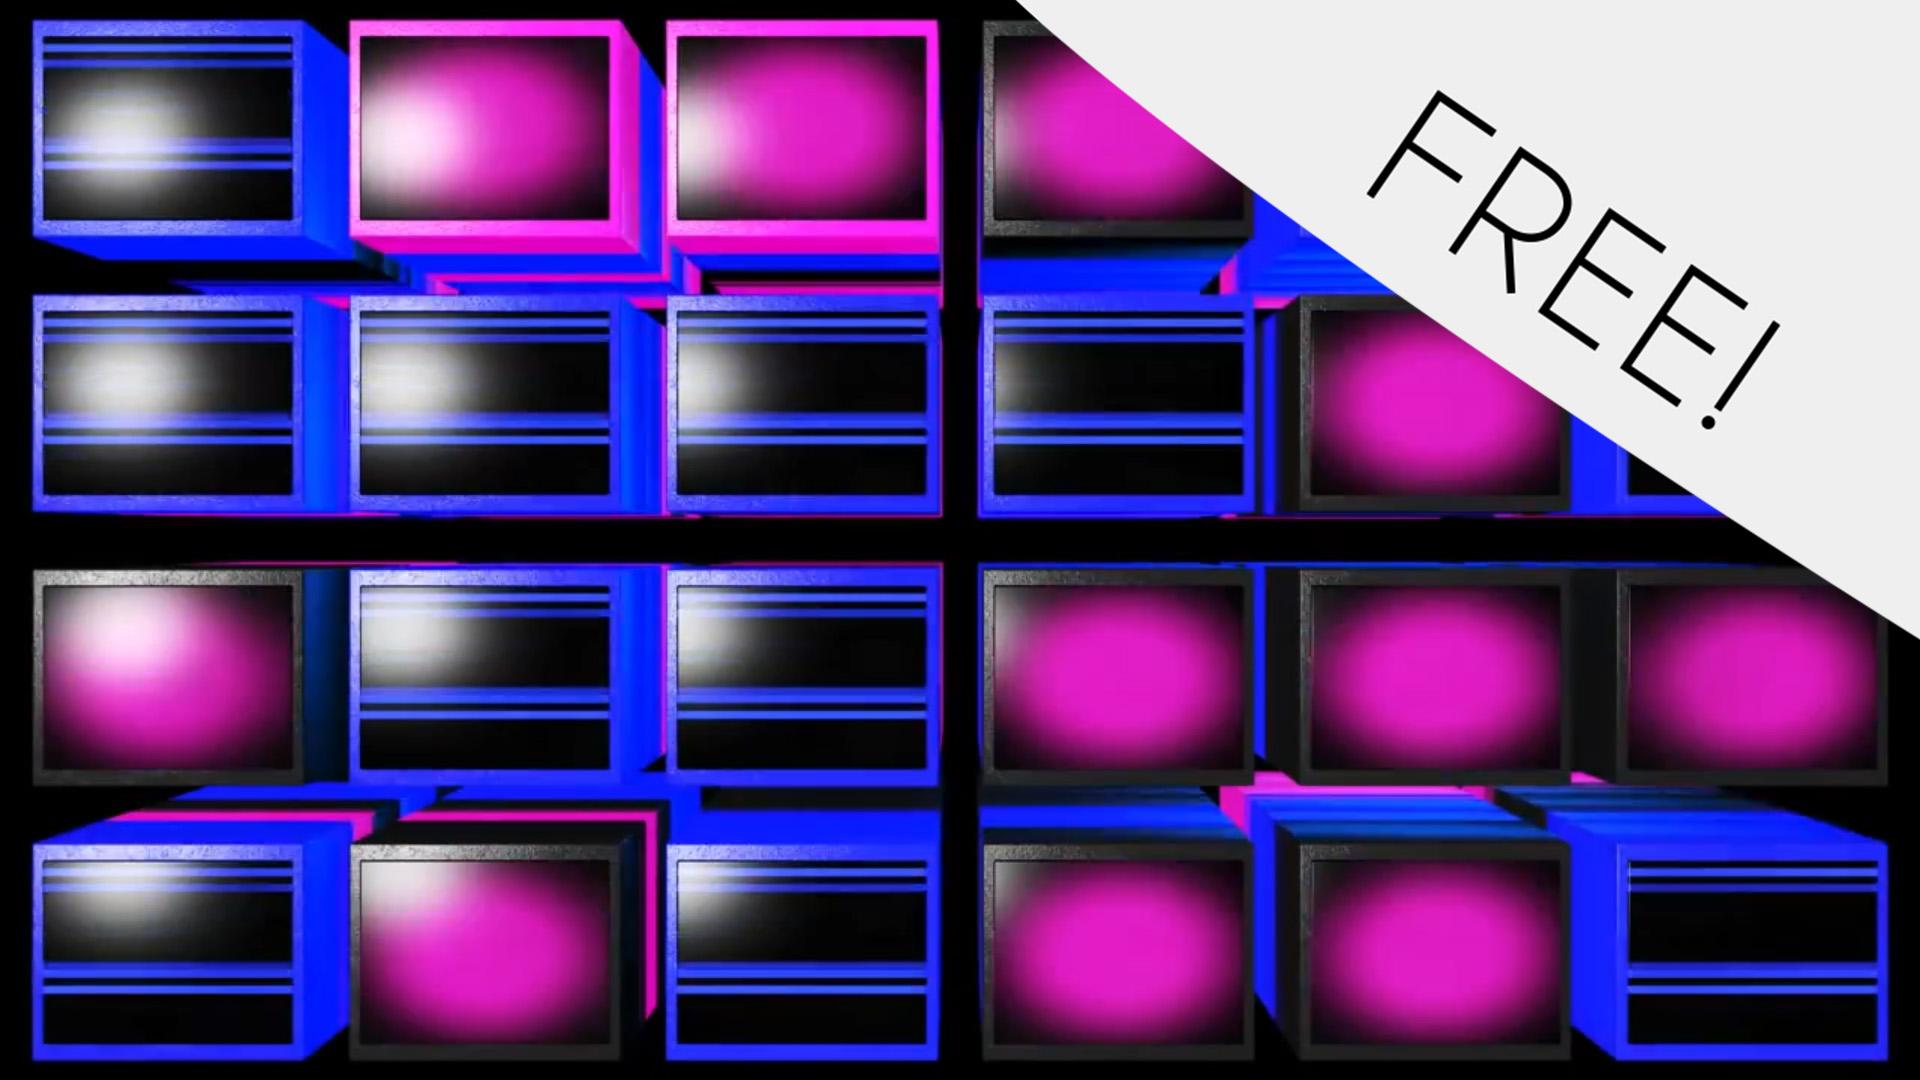 3D Video Cubes – Free VJ Loop